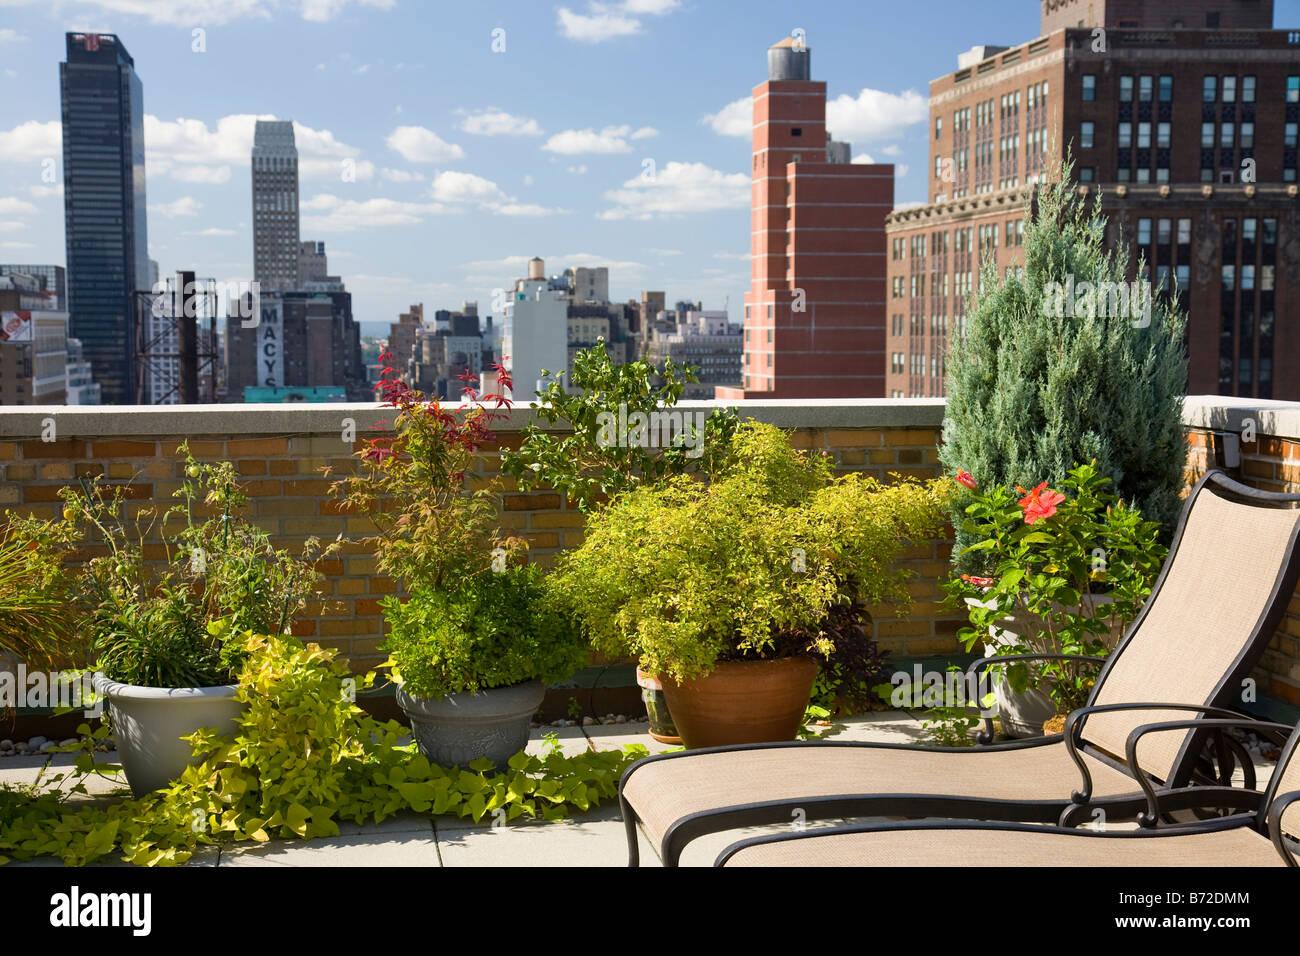 Urbano giardino sul tetto, NYC Immagini Stock